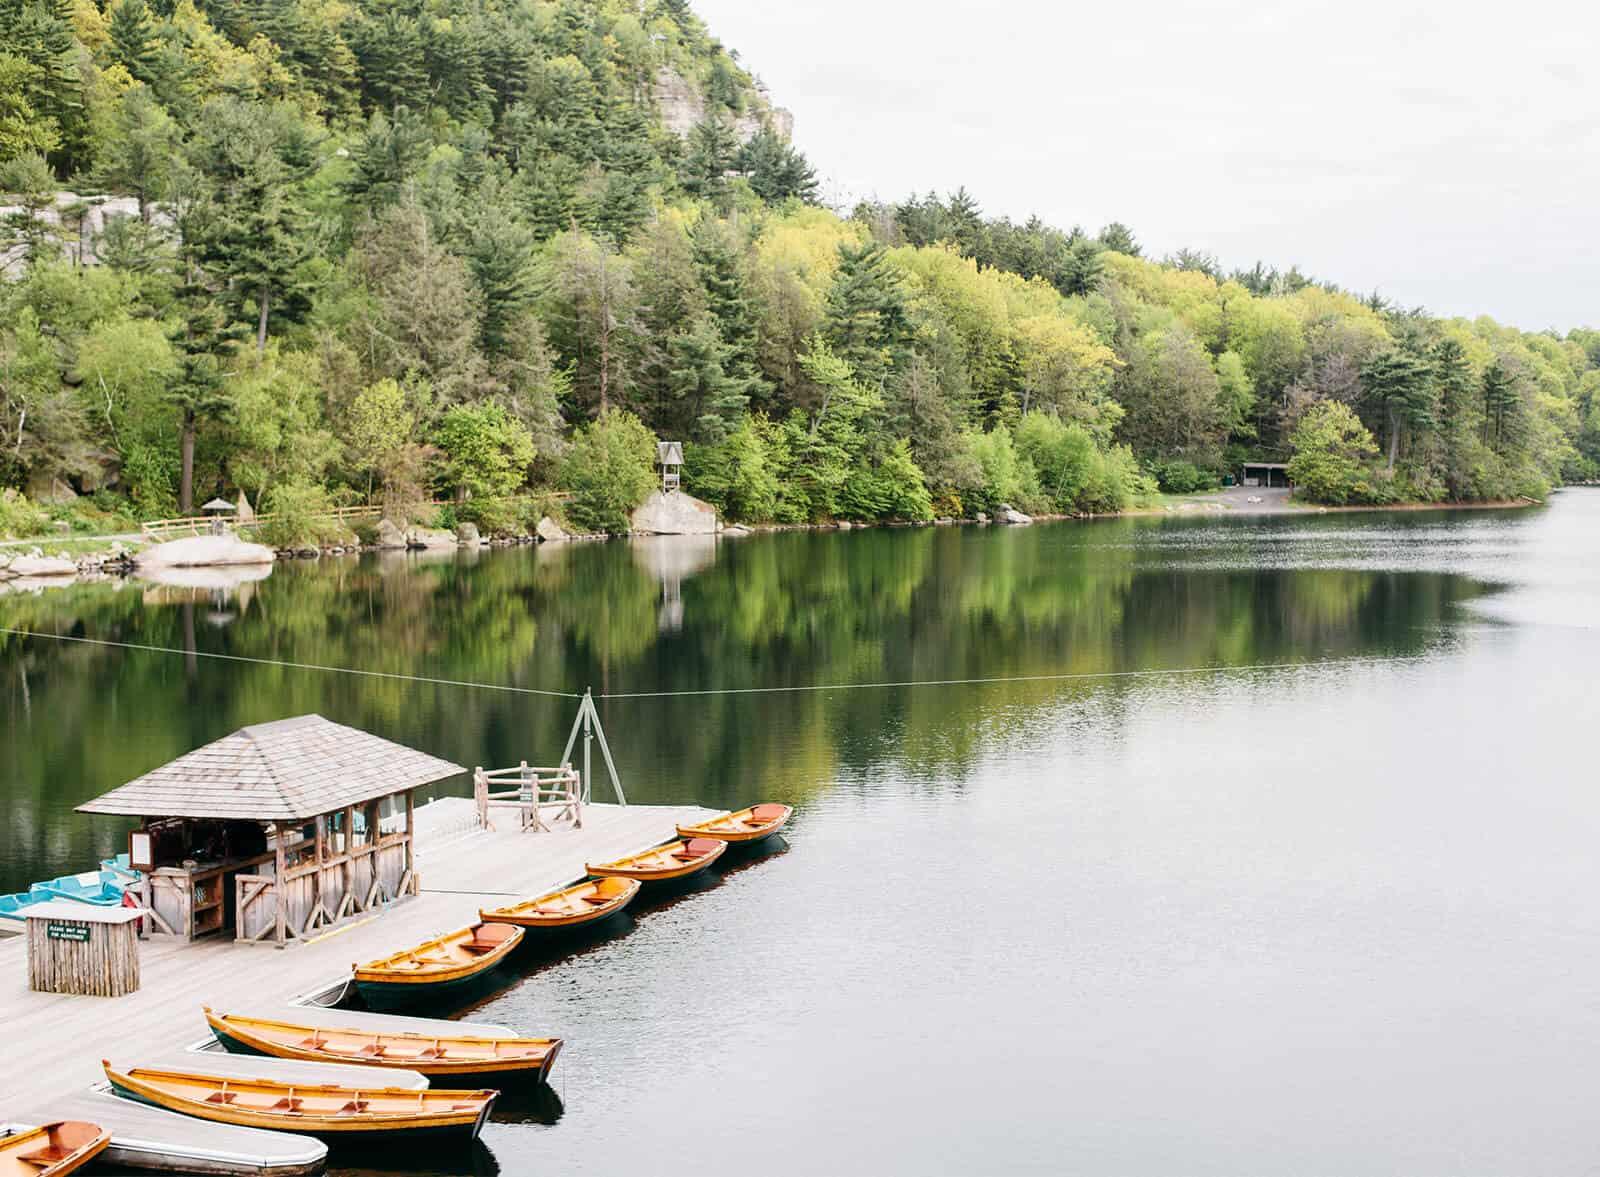 Mohonk lake canoes